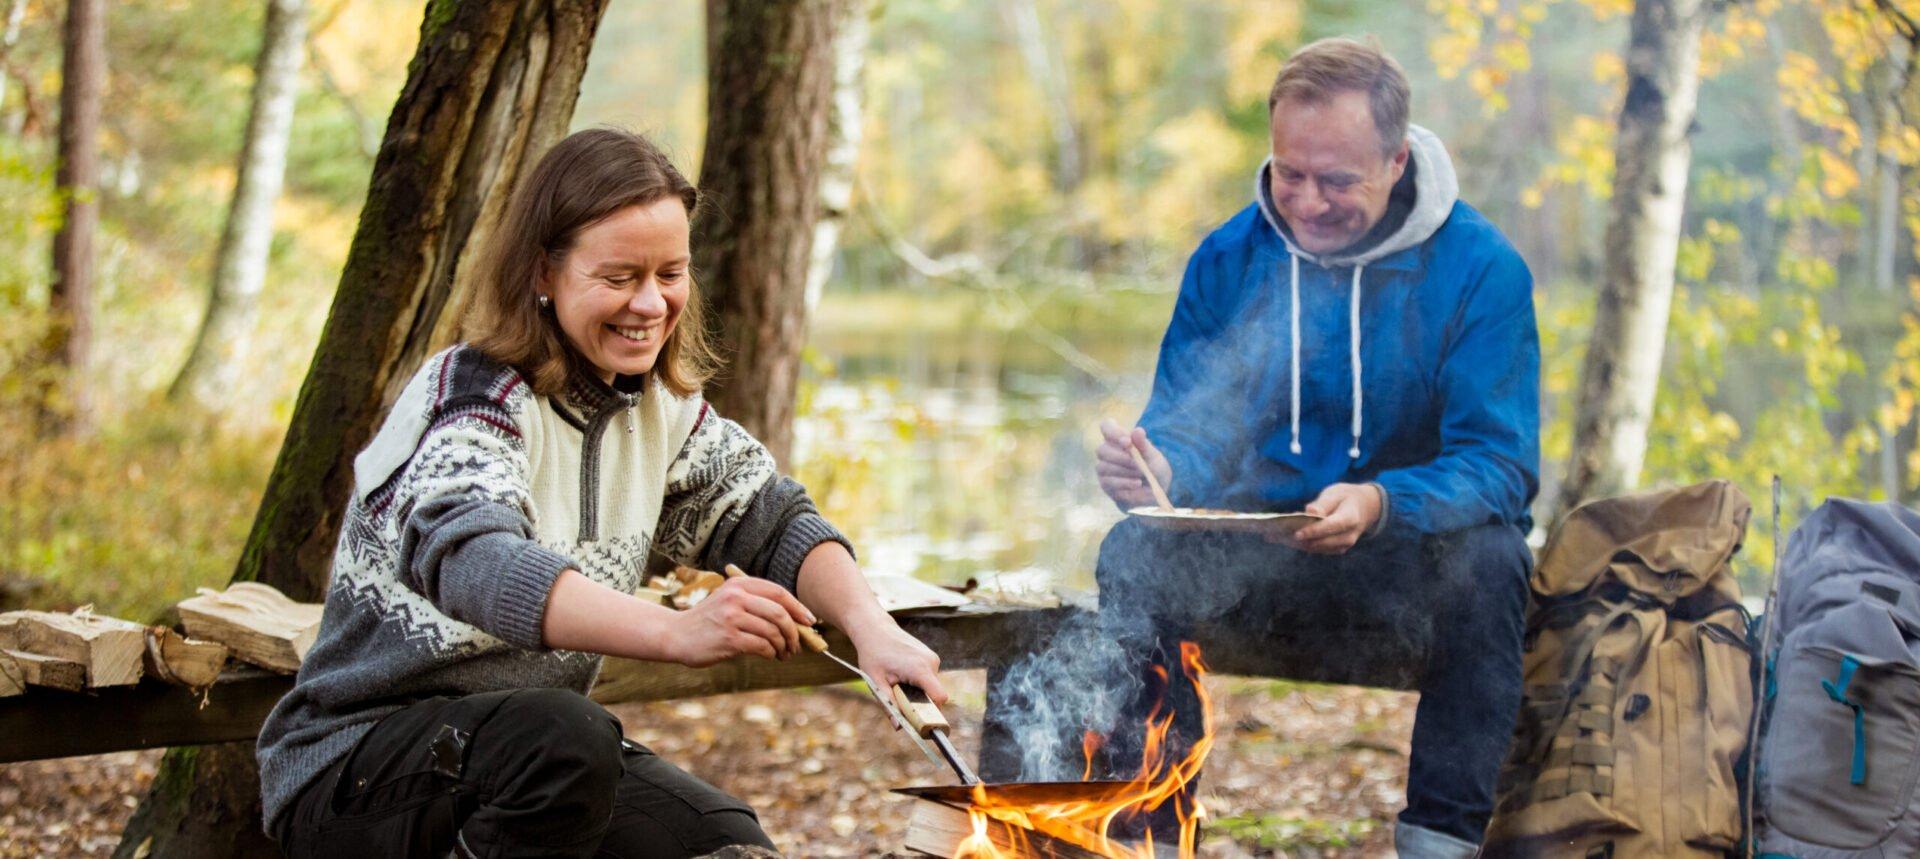 mies ja nainen tekevät ruokaa nuotion äärellä